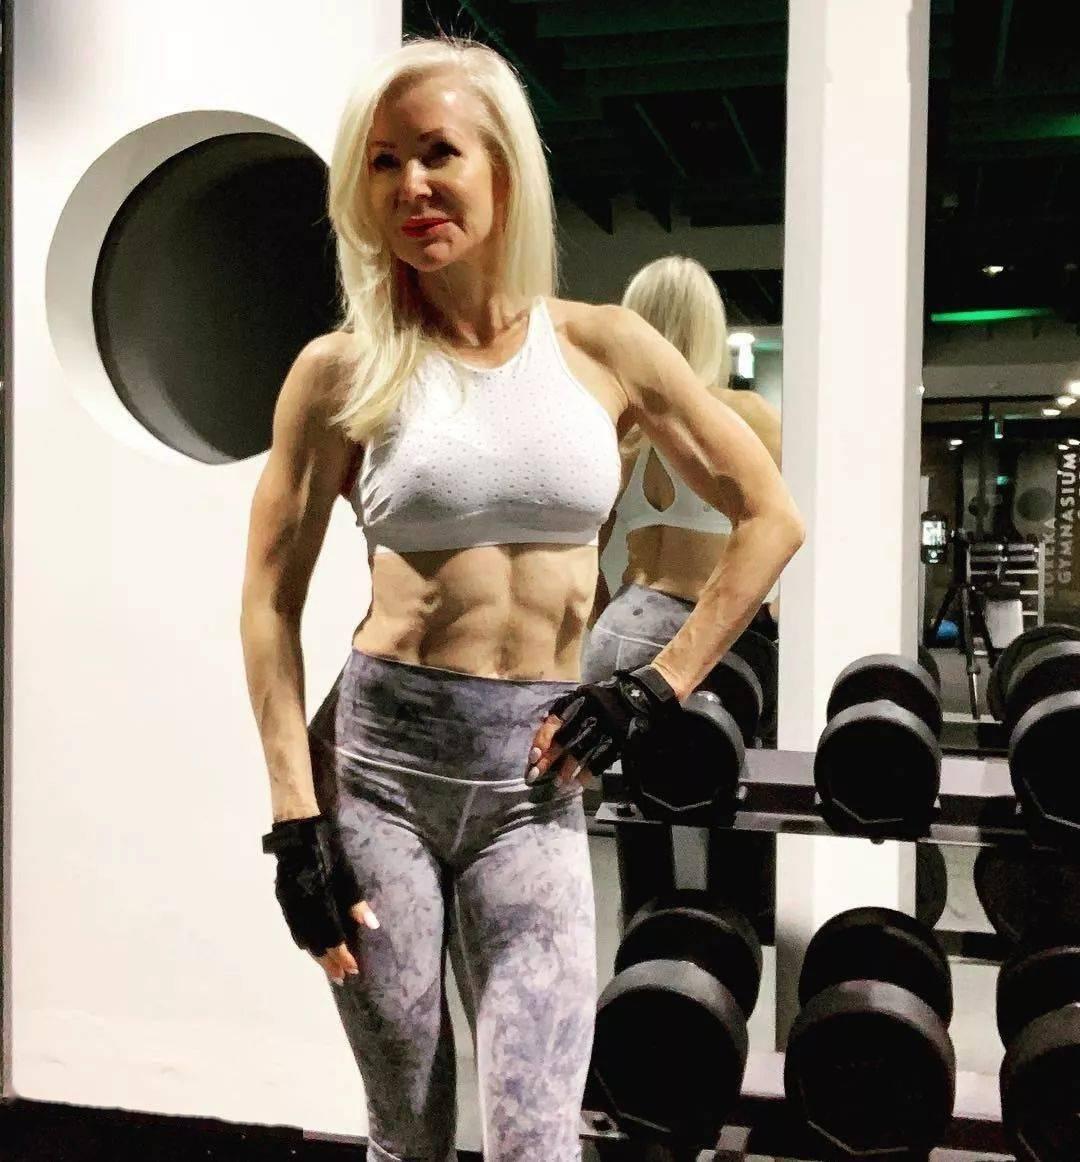 她48岁开始健身,64岁时身材如20岁少女,撸铁16年! 中级健身 第5张